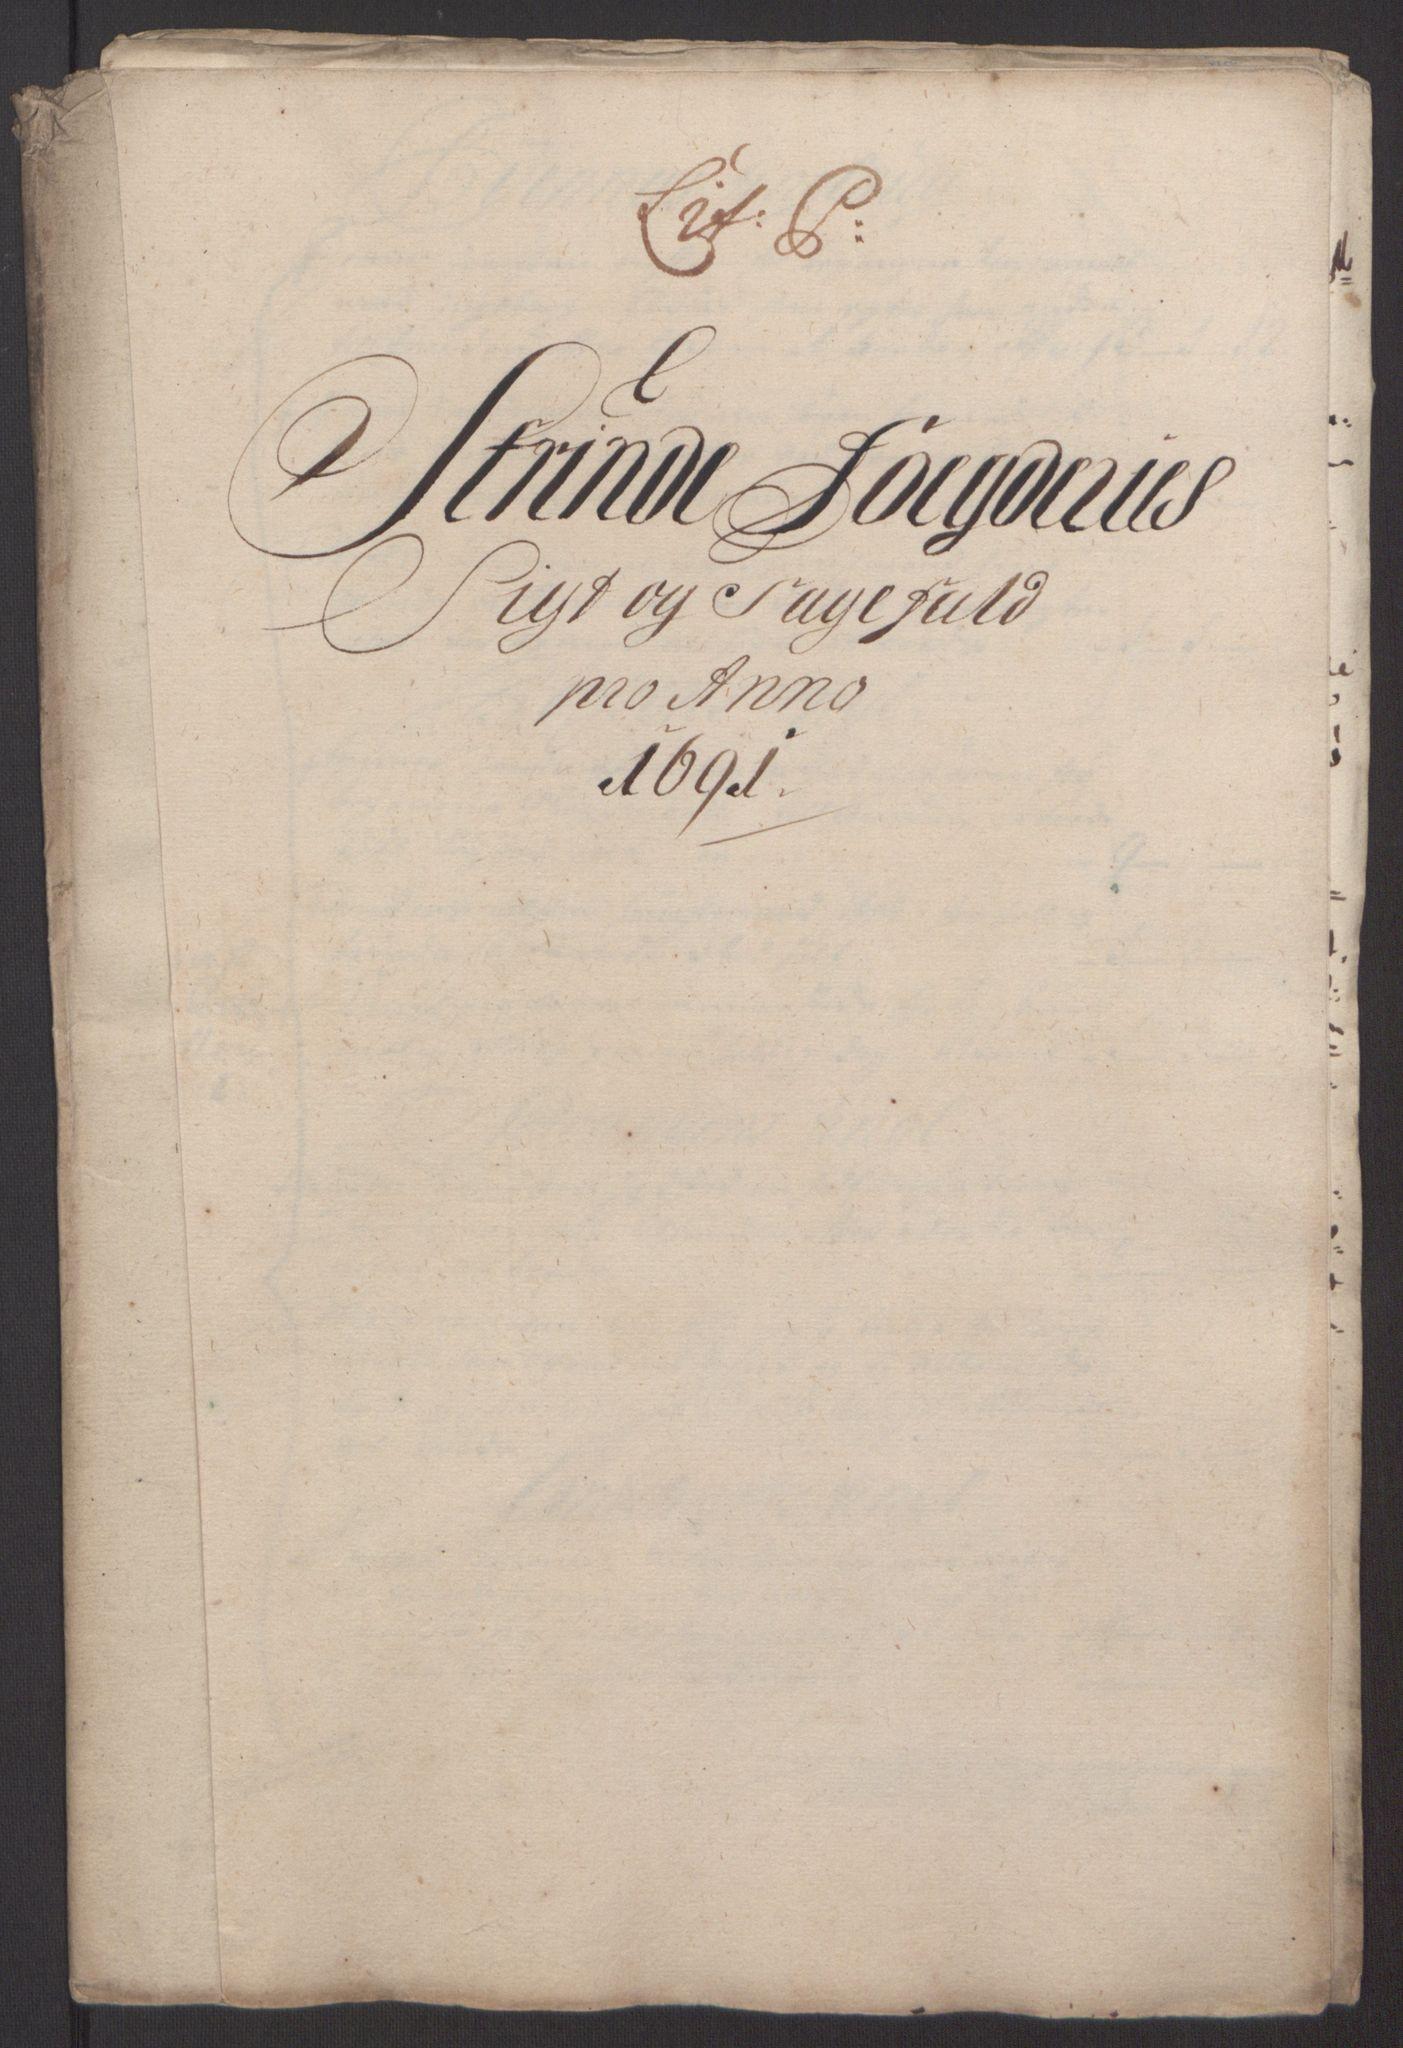 RA, Rentekammeret inntil 1814, Reviderte regnskaper, Fogderegnskap, R61/L4103: Fogderegnskap Strinda og Selbu, 1691-1692, s. 144